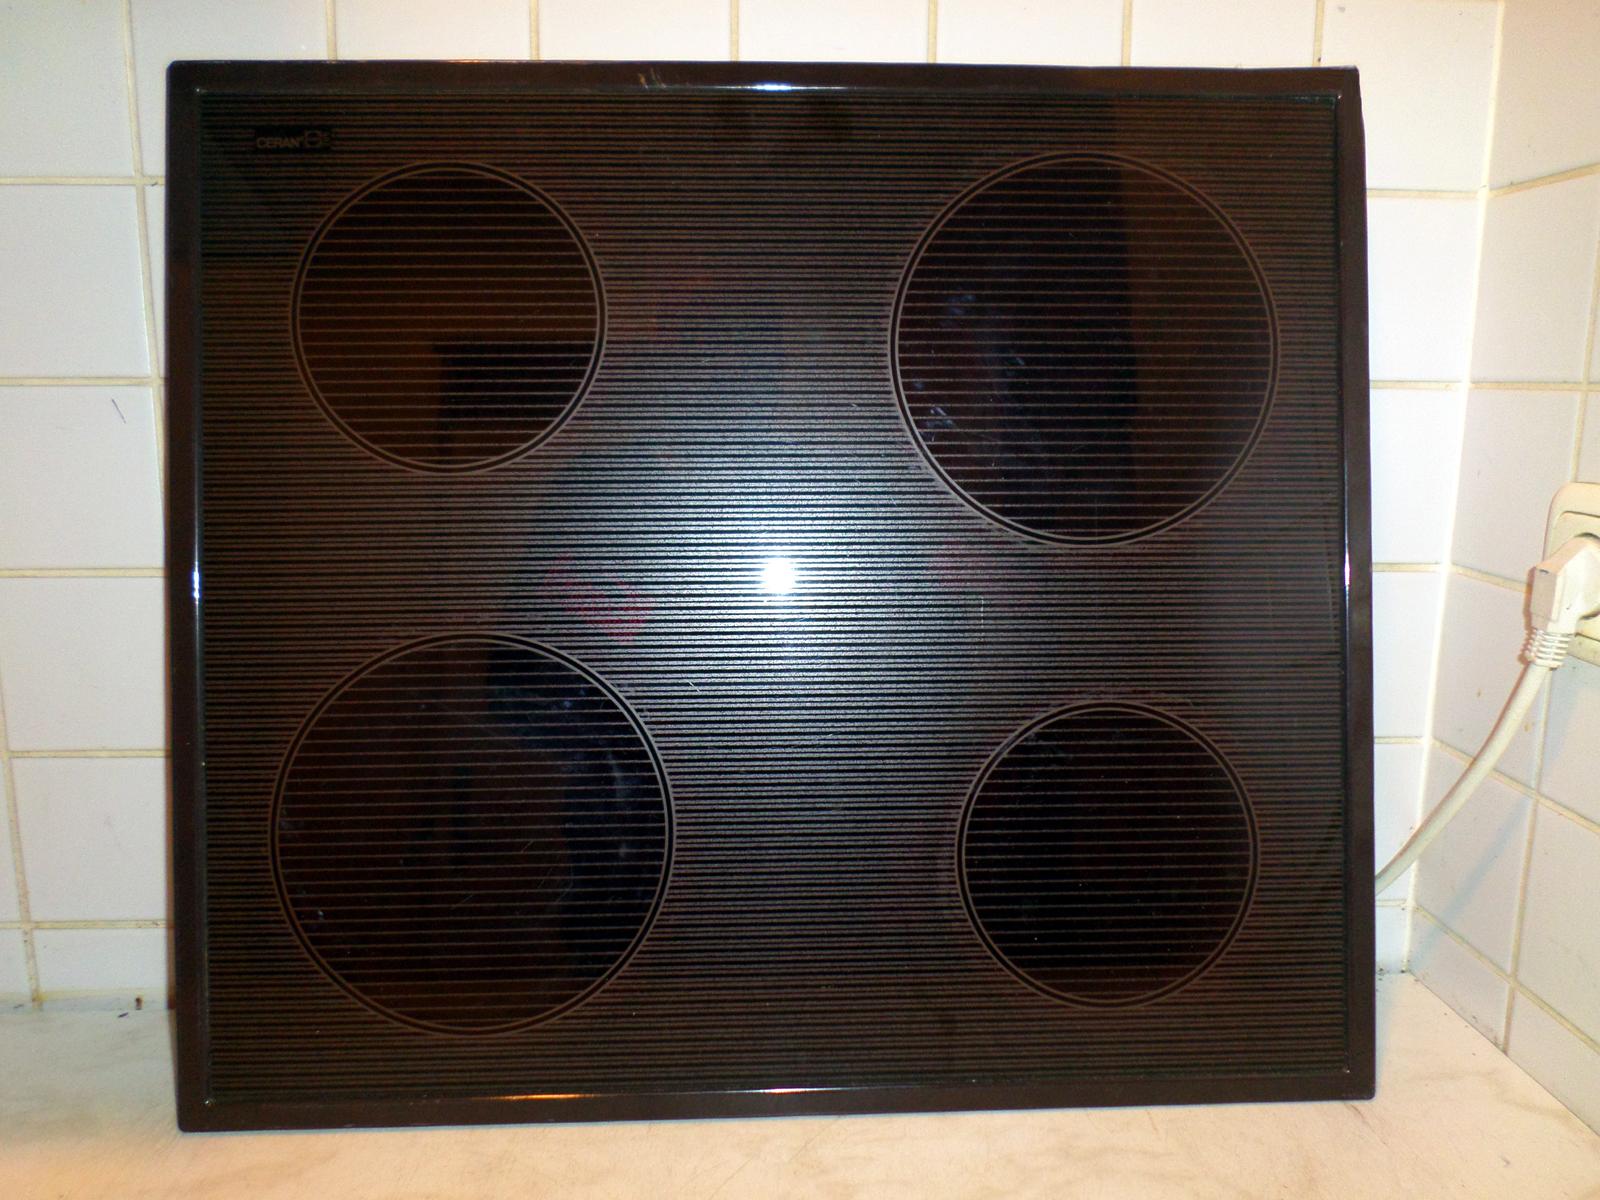 alno ame 2033 kb glaskeramik kochfeld gepflegtes 7 takt. Black Bedroom Furniture Sets. Home Design Ideas